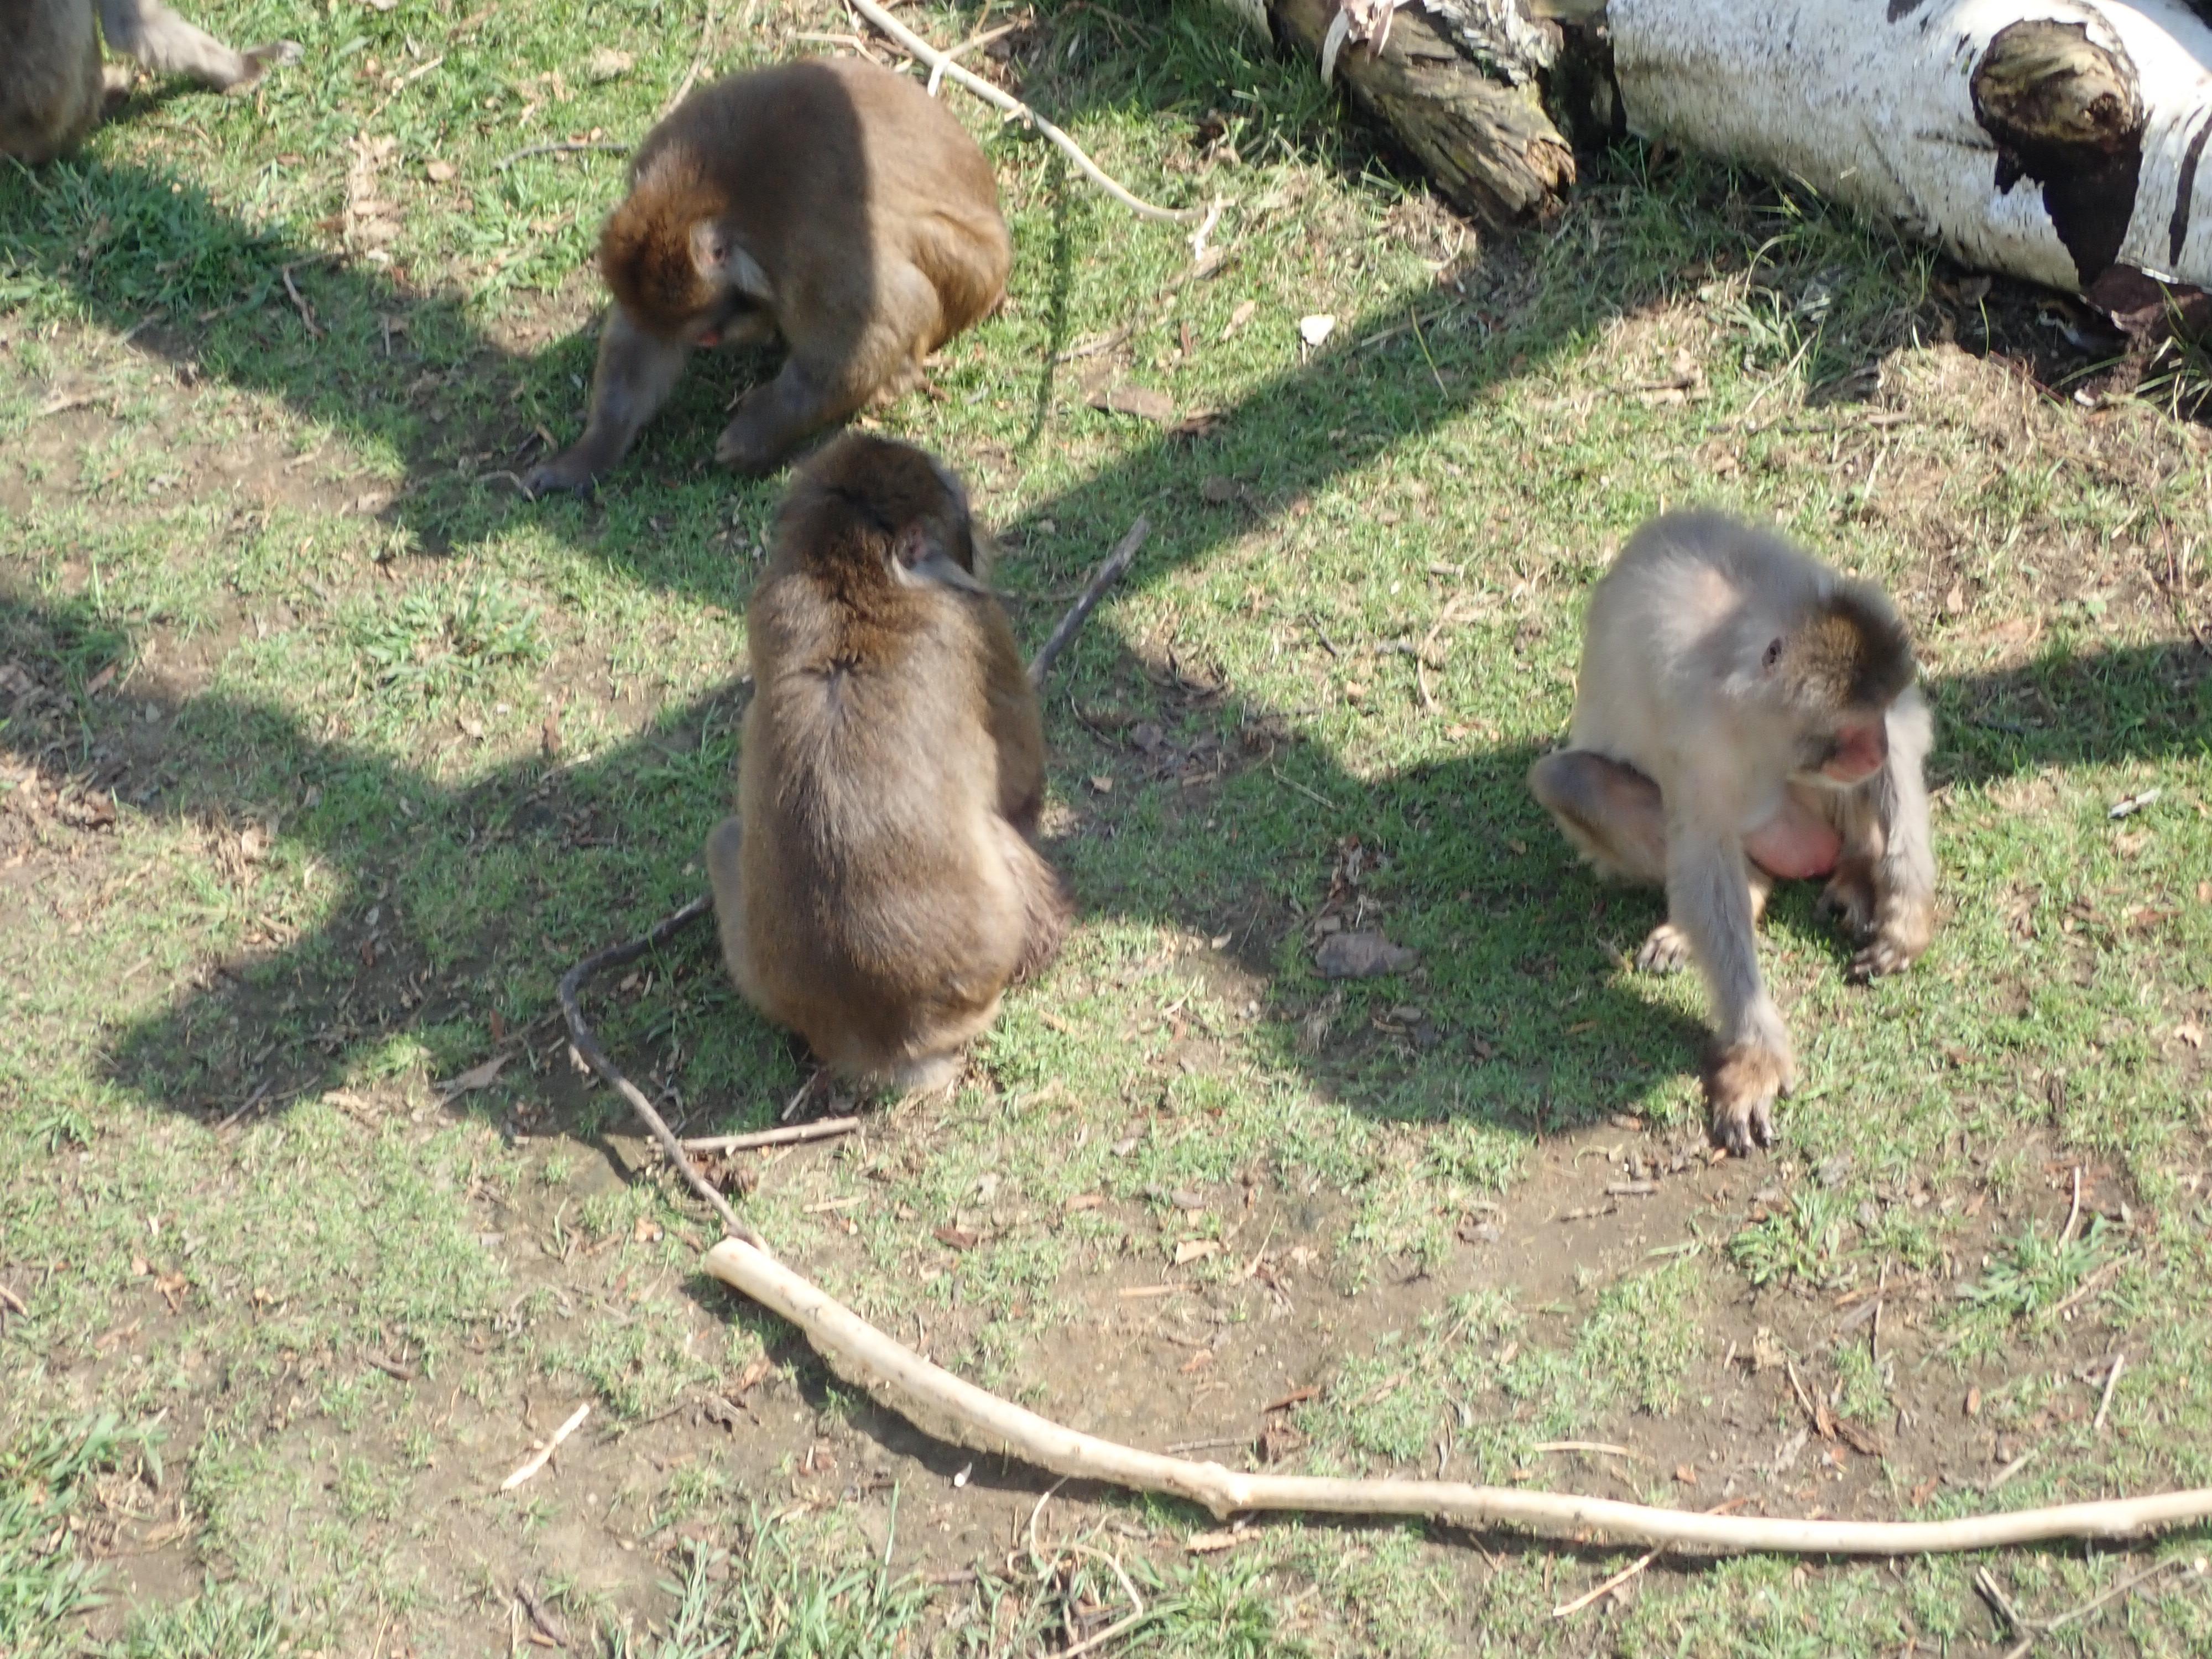 円山動物園のサル山にいるニホンザル